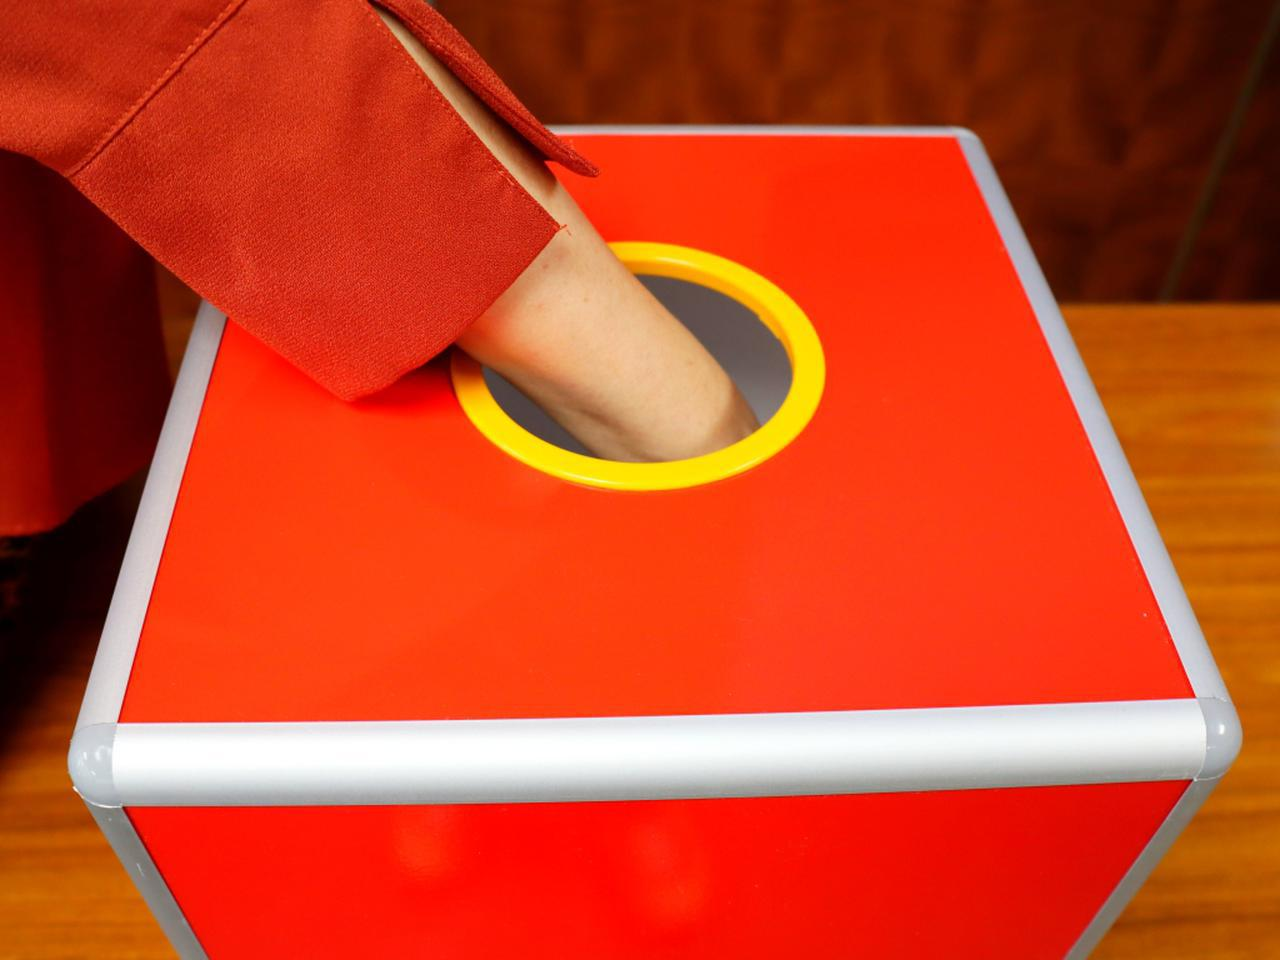 画像1: スコアビンゴ抽選BOX。1~9までのスコアが入ったボールが入っている。4、5、6の番号ボールが多く、最小は当然1